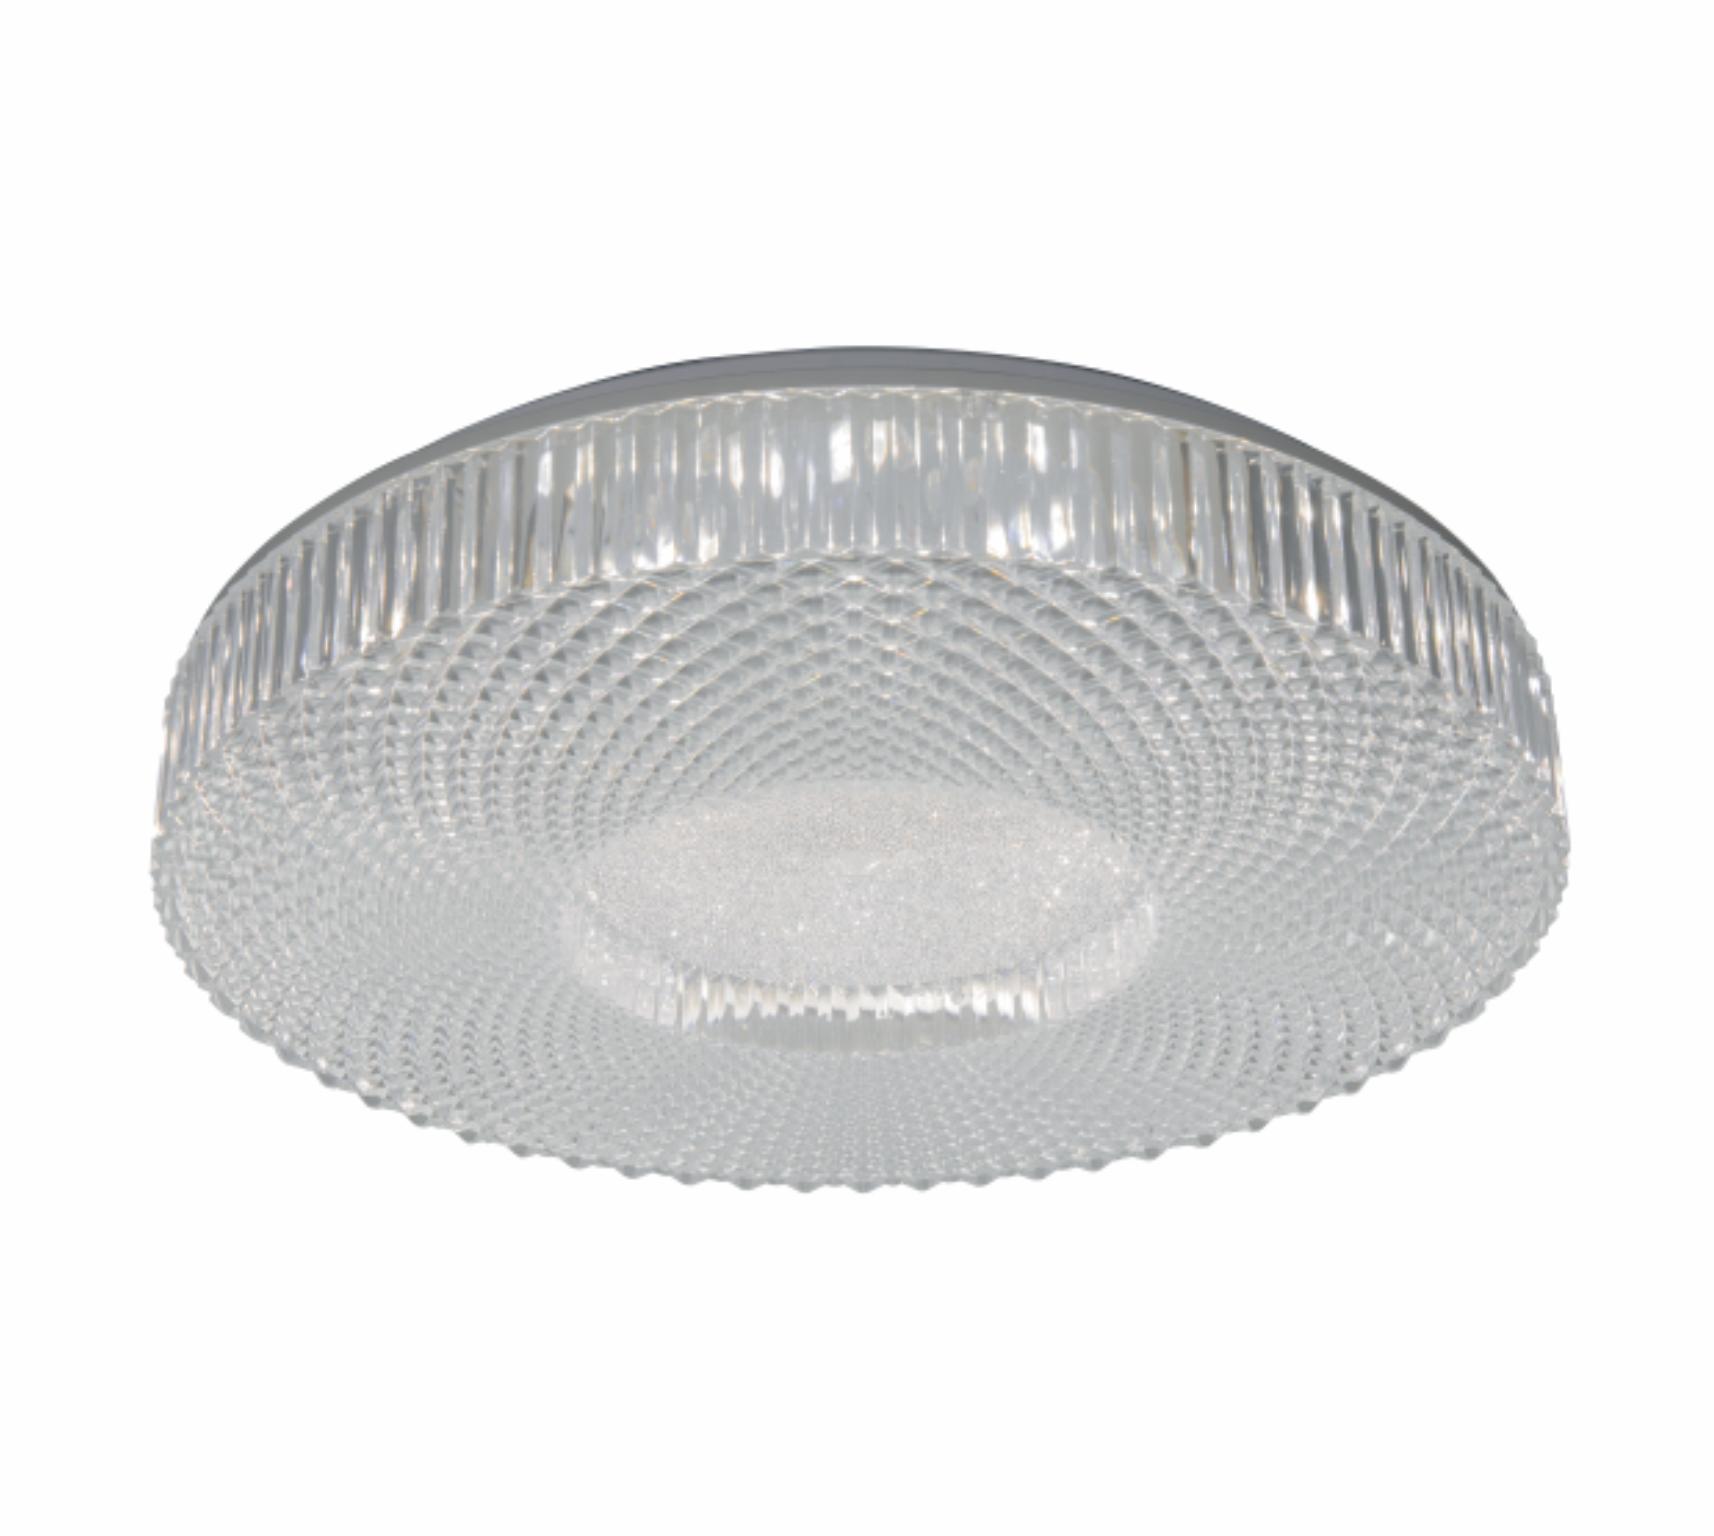 SEVILHA-400-LED-RD-24-304060-3BRC